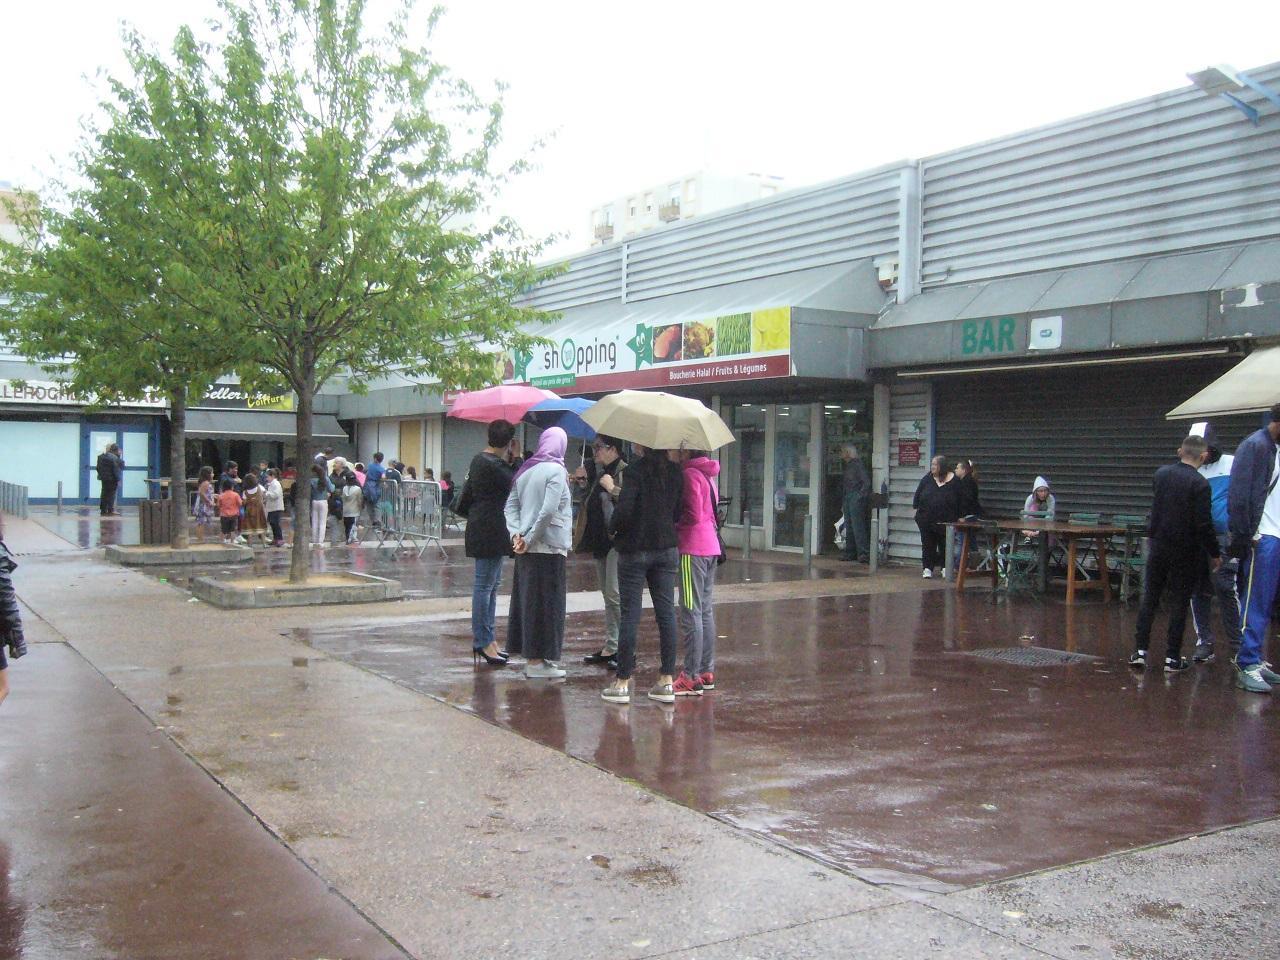 fdq 20 la pluie n'arrete pas tout le monde.jpg